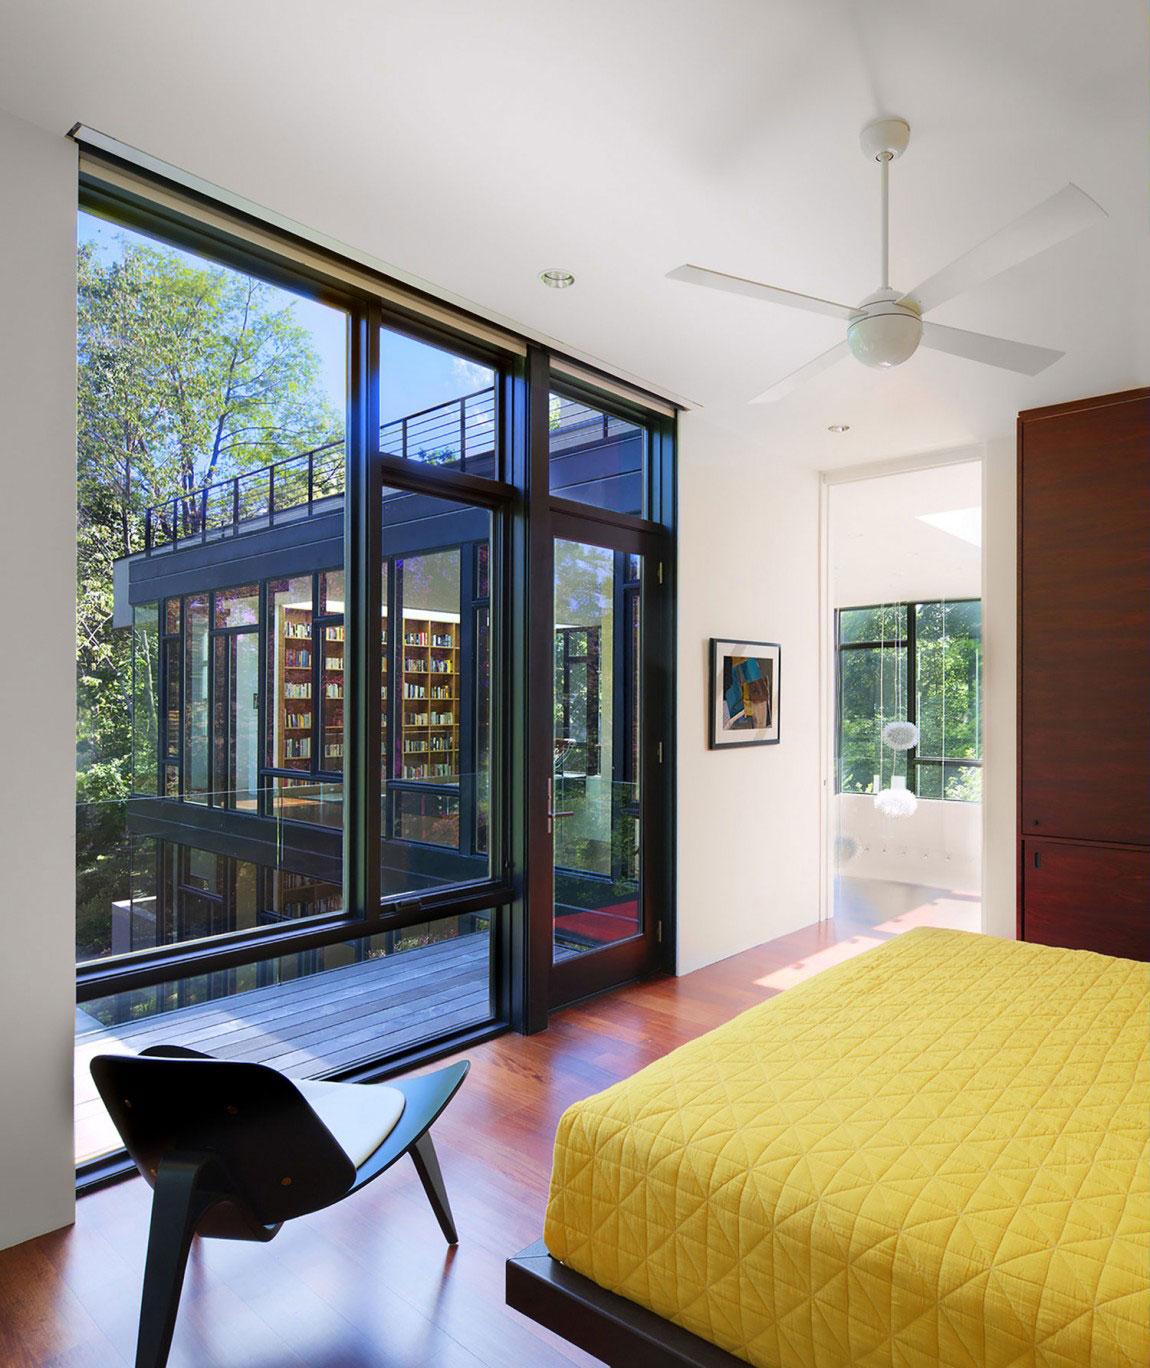 Brandywine-huset är en inspiration för inredning och arkitektur-13 Brandywine-huset är en inspiration för inredning och arkitektur